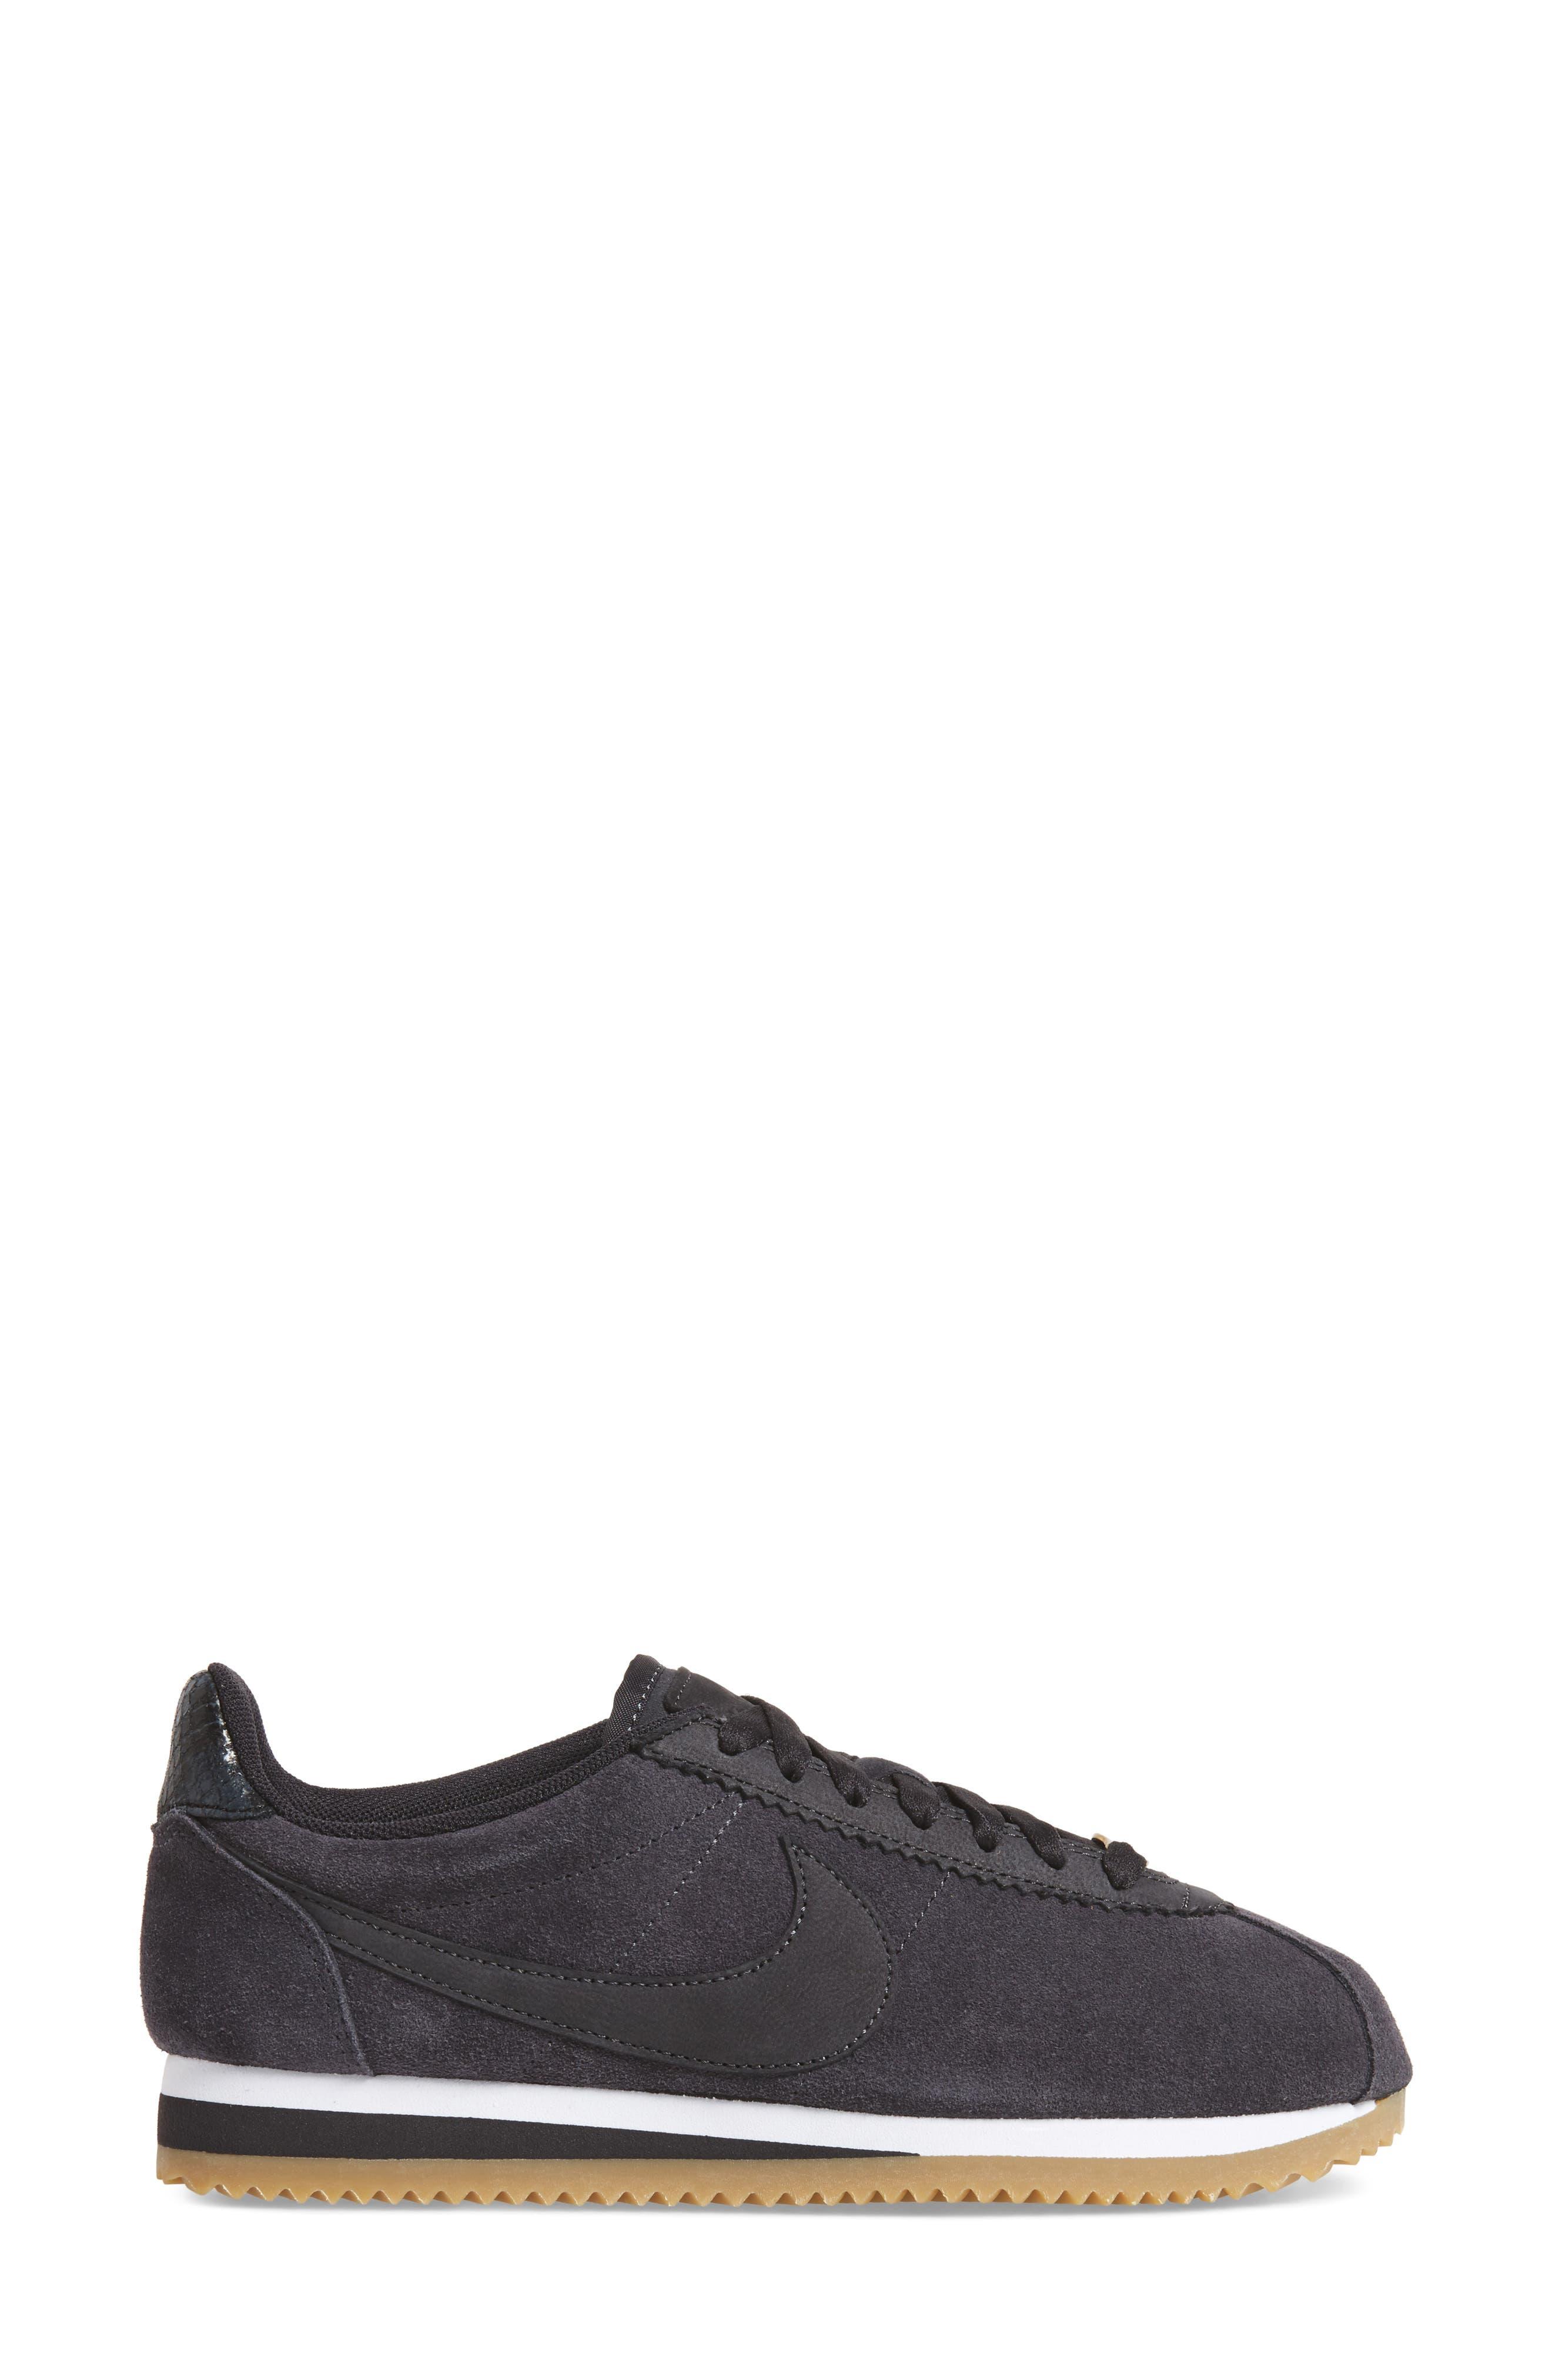 x A.L.C. Classic Cortez Sneaker,                             Alternate thumbnail 3, color,                             001